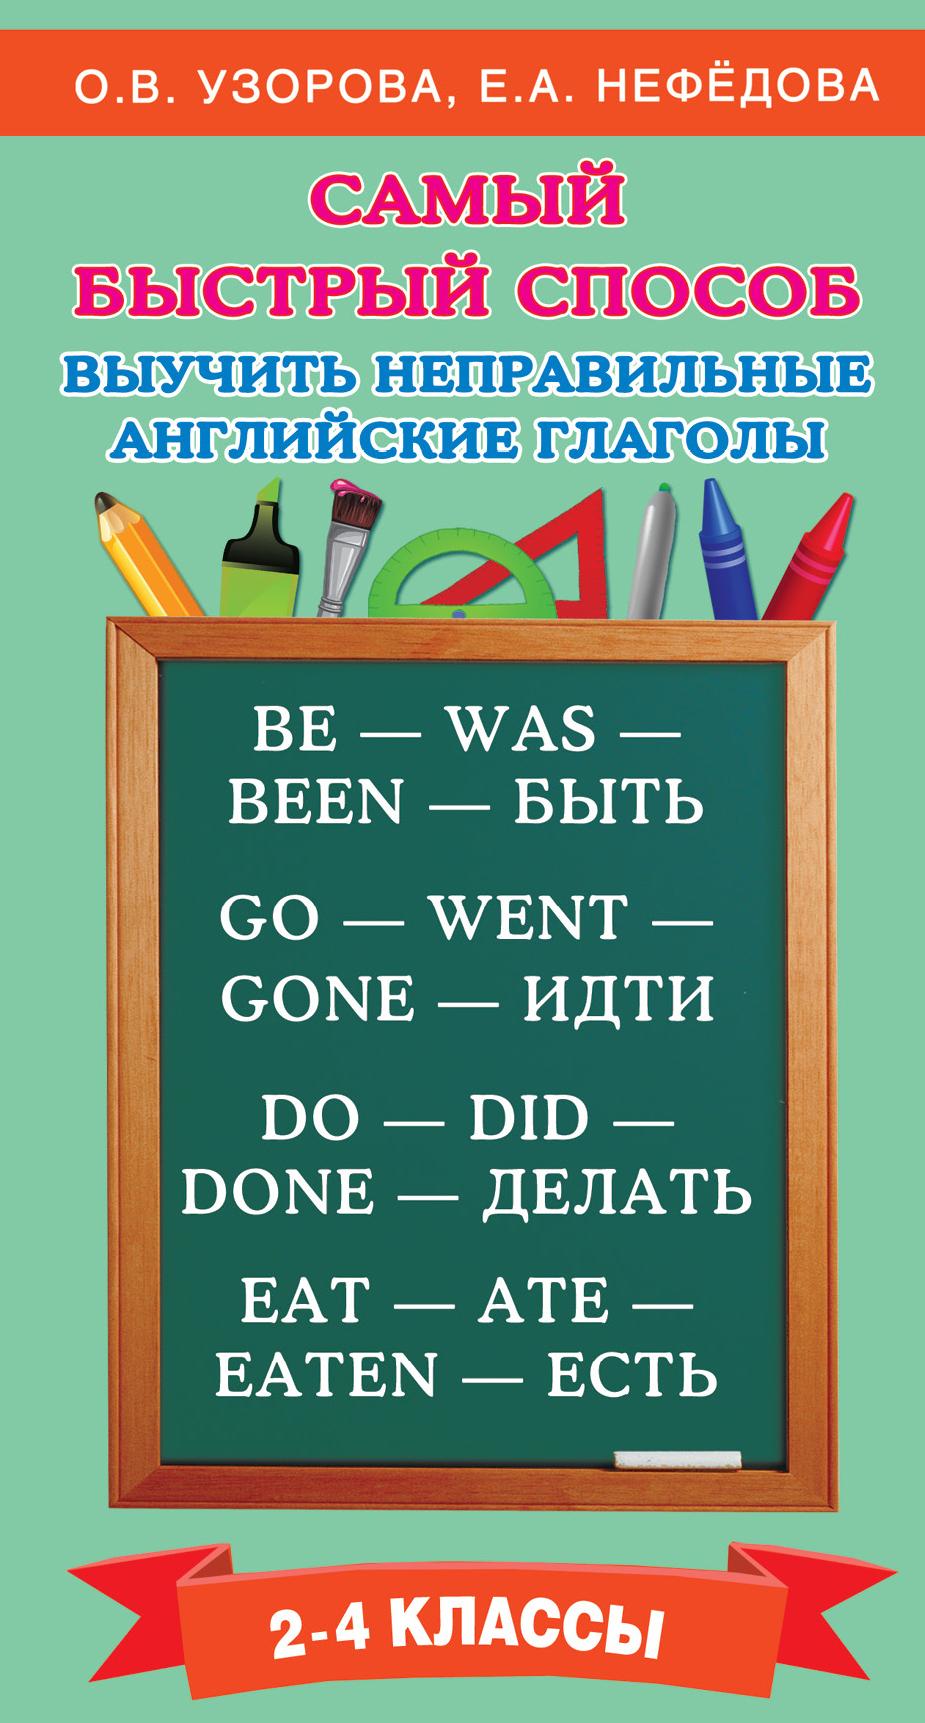 Узорова О.В. Самый быстрый способ выучить неправильные английские глаголы о в узорова самый быстрый способ выучить правила английского языка 2 4 классы